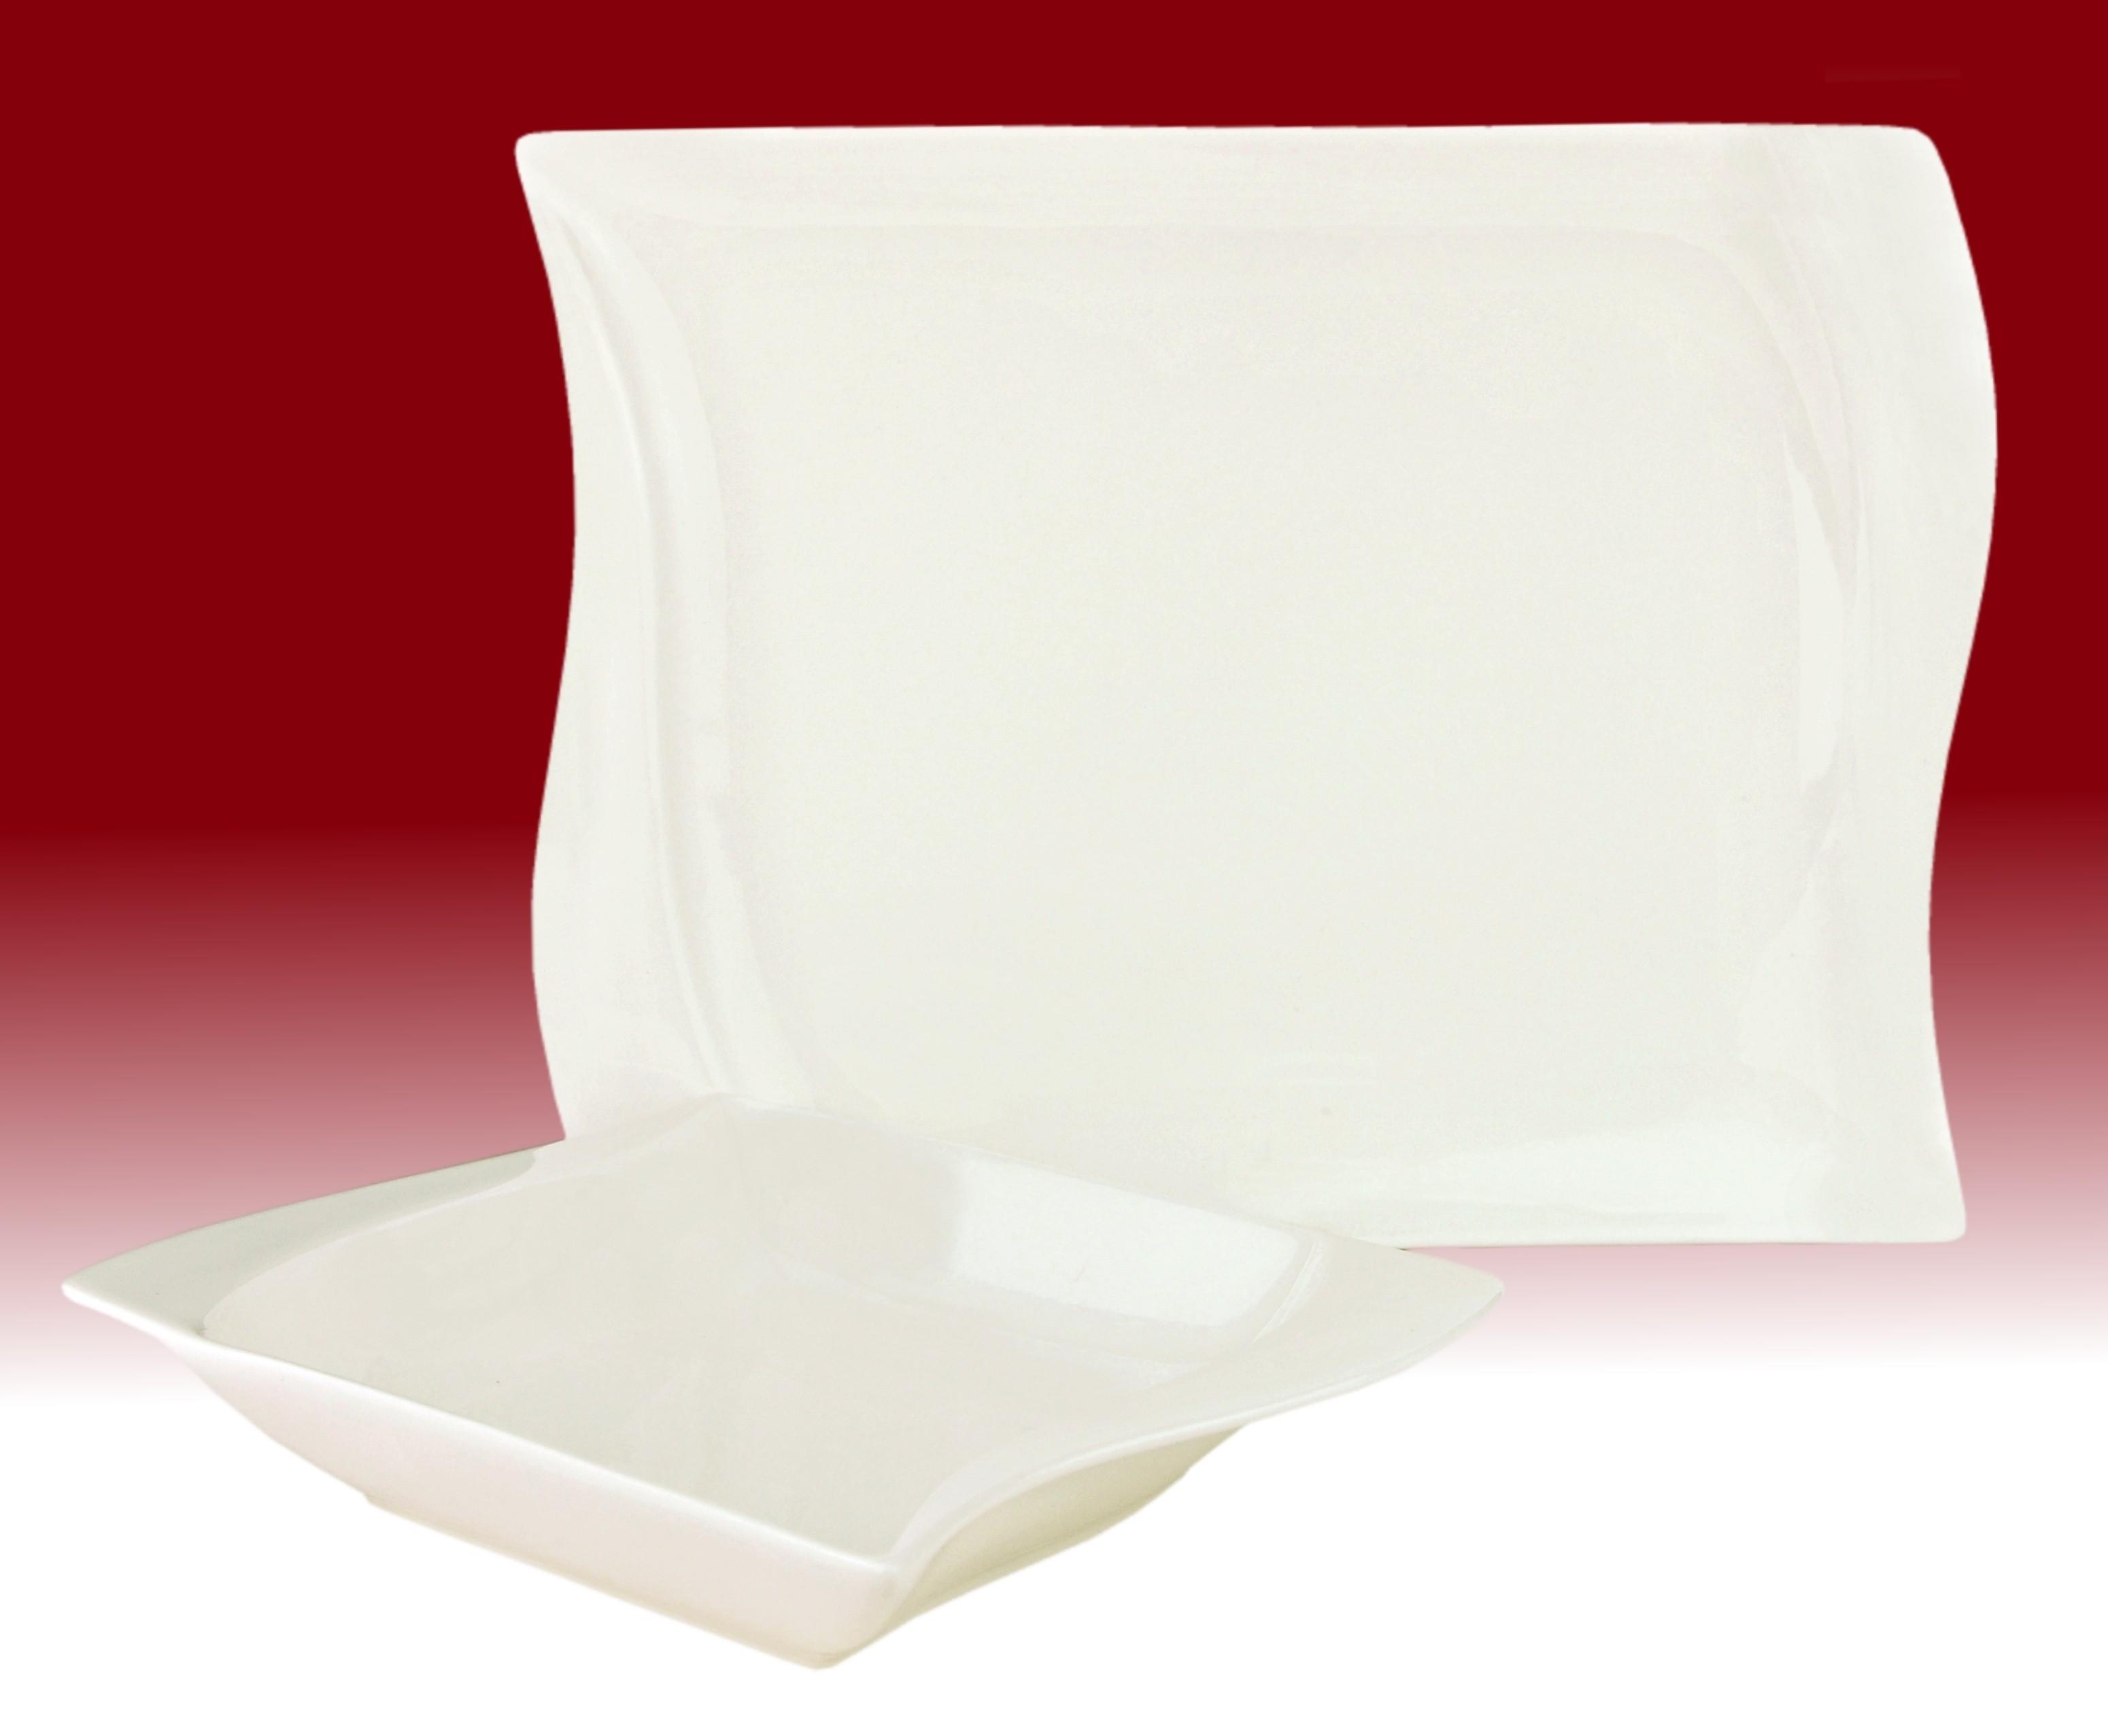 tafelservice harmony 24tlg eckig porzellan f r 12. Black Bedroom Furniture Sets. Home Design Ideas